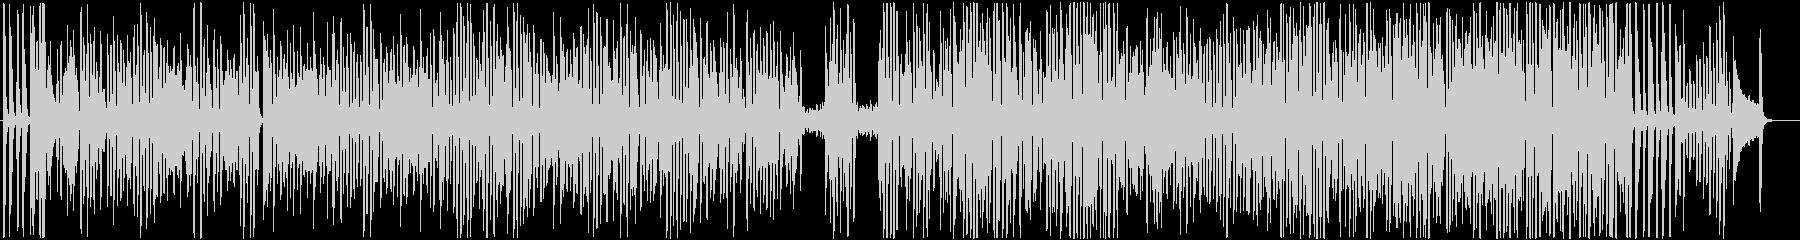 ワクワク楽しいピアノソロのラグタイムの未再生の波形